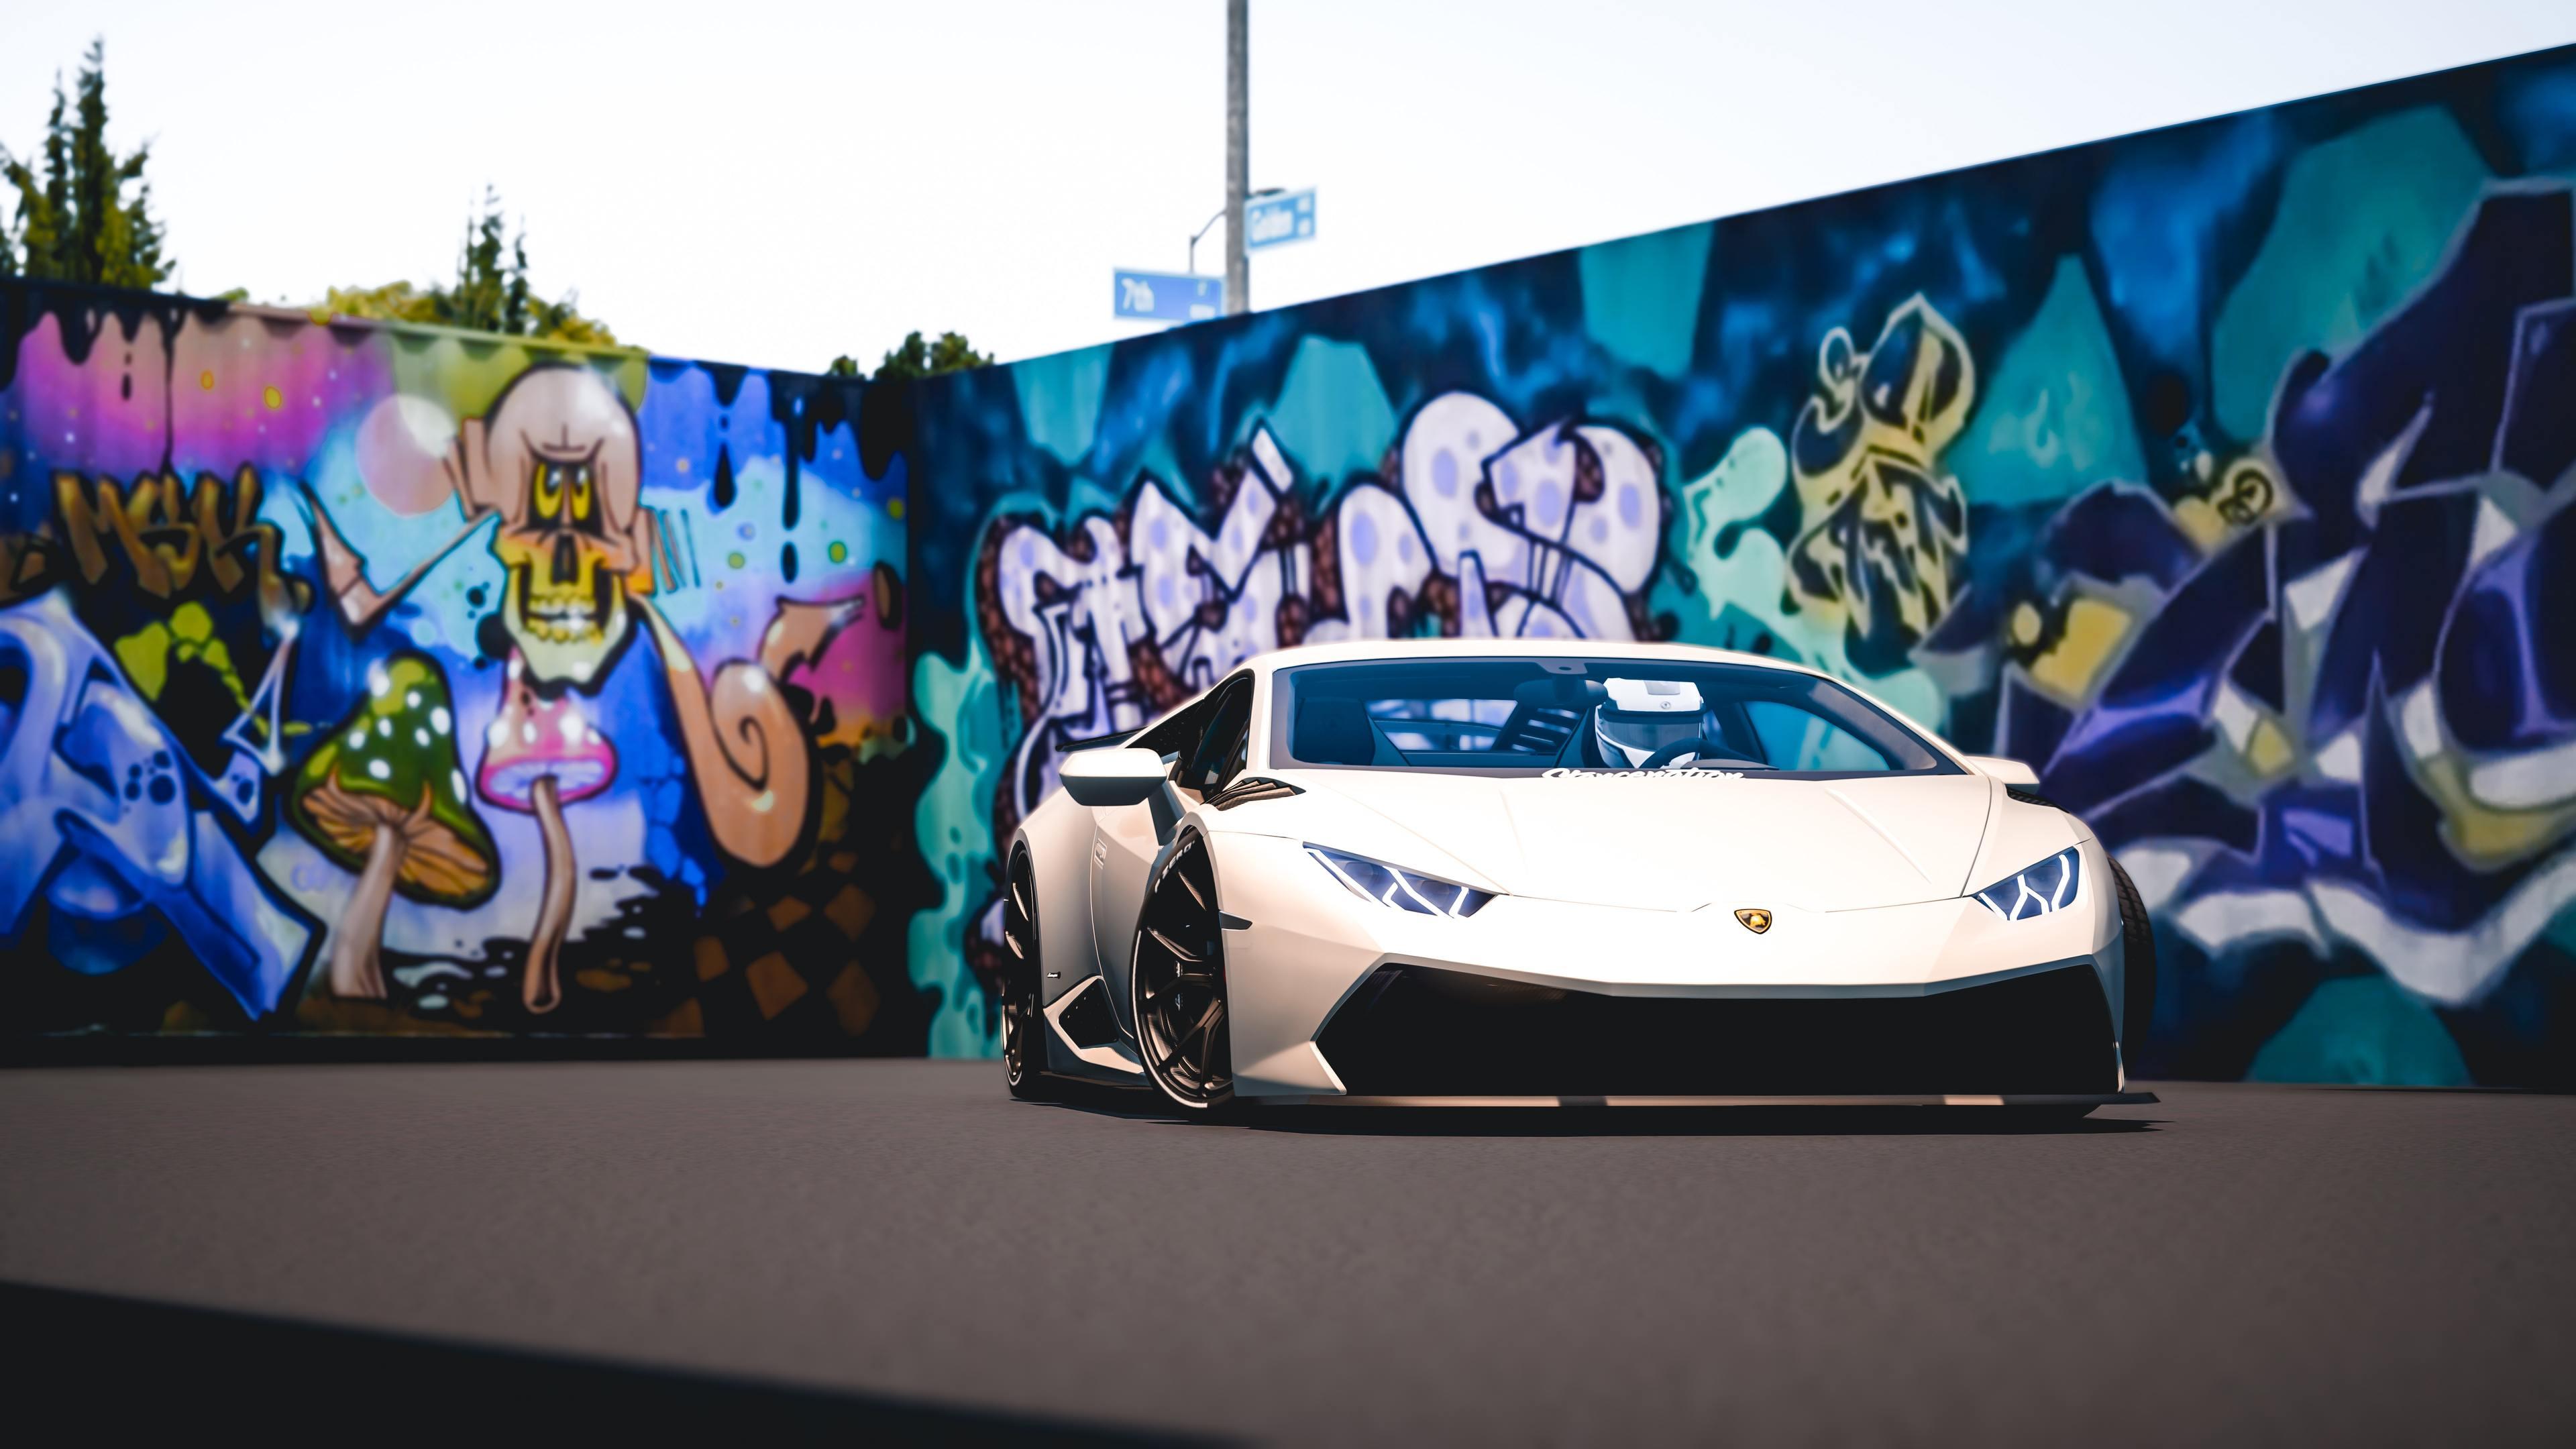 vorsteiner lamborghini huracan 2019 1570392207 - Vorsteiner Lamborghini Huracan 2019 - lamborghini wallpapers, lamborghini huracan wallpapers, hd-wallpapers, cars wallpapers, 8k wallpapers, 5k wallpapers, 4k-wallpapers